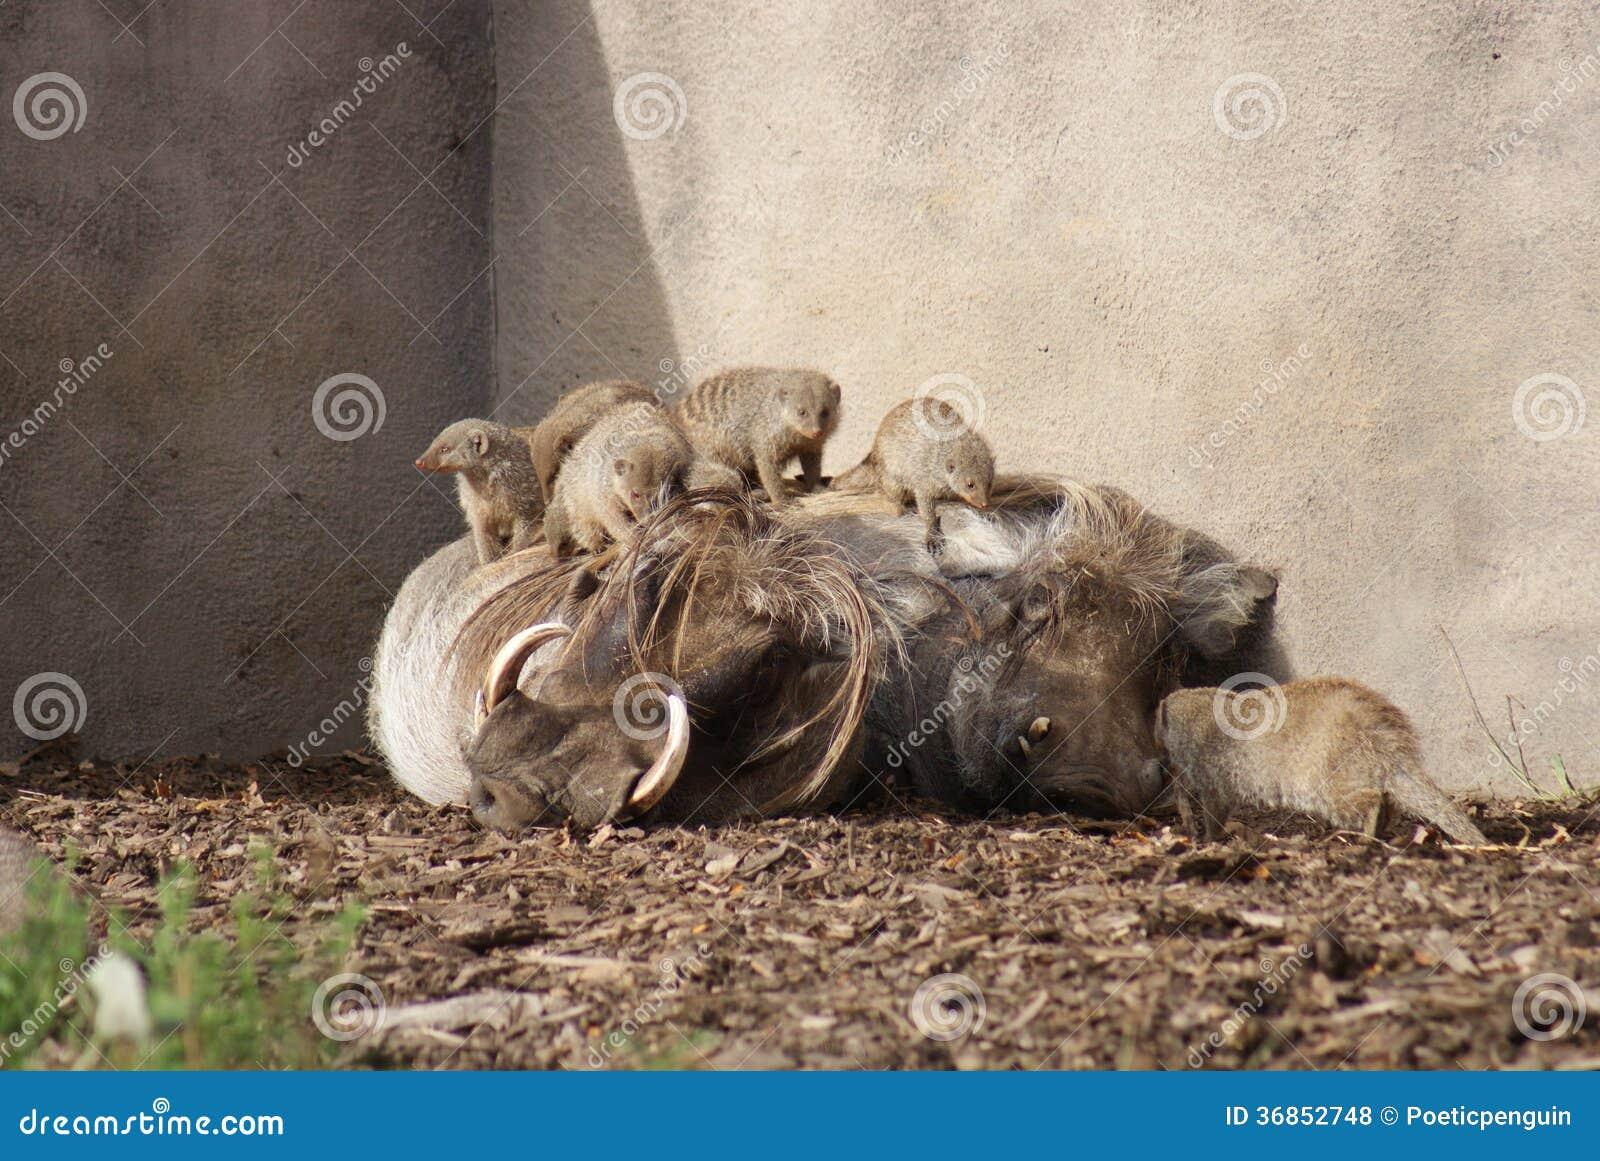 Afrikansk vårtsvin - Phacochoerusafricanus och Meerkats